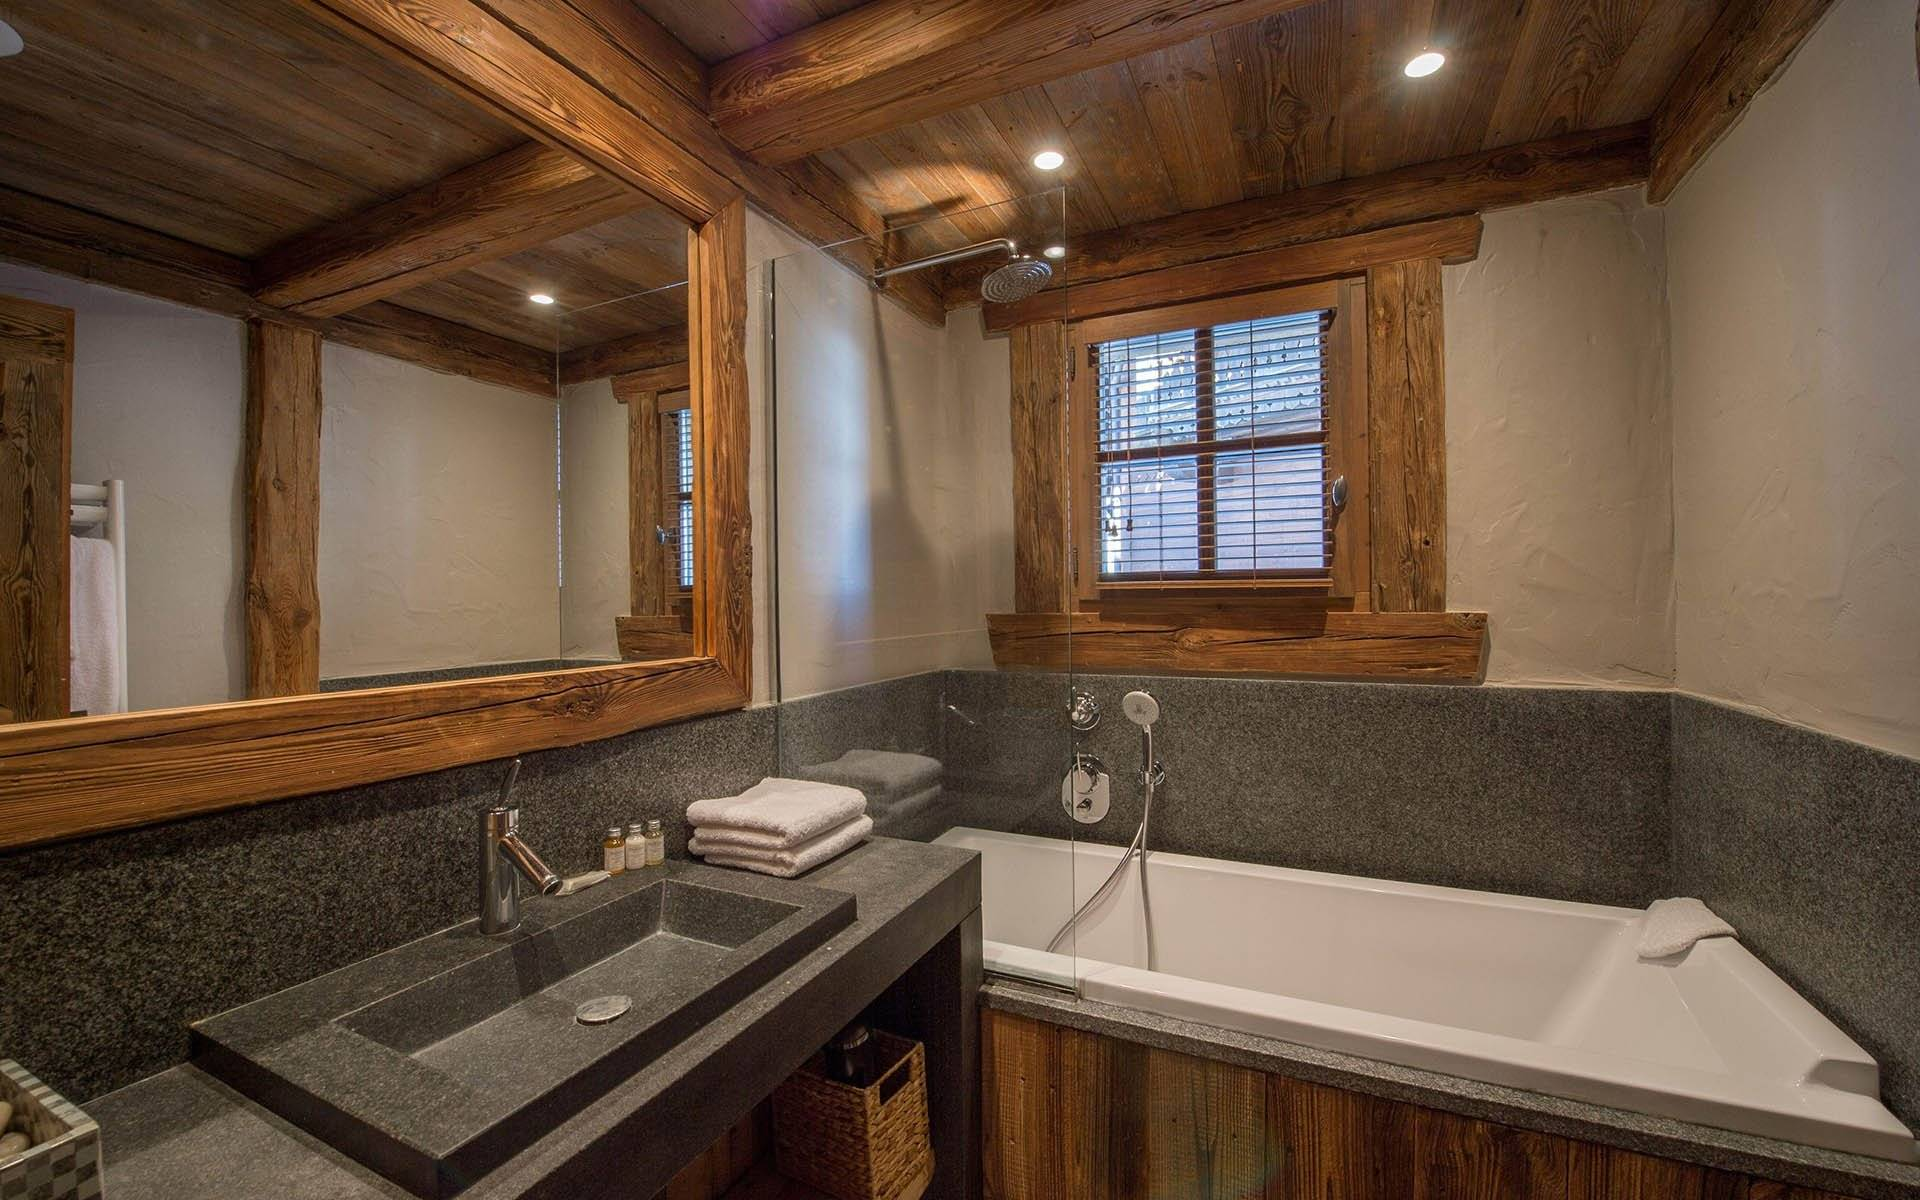 Ванная в деревянном доме: 130 фото идей современного дизайна и советы по украшению